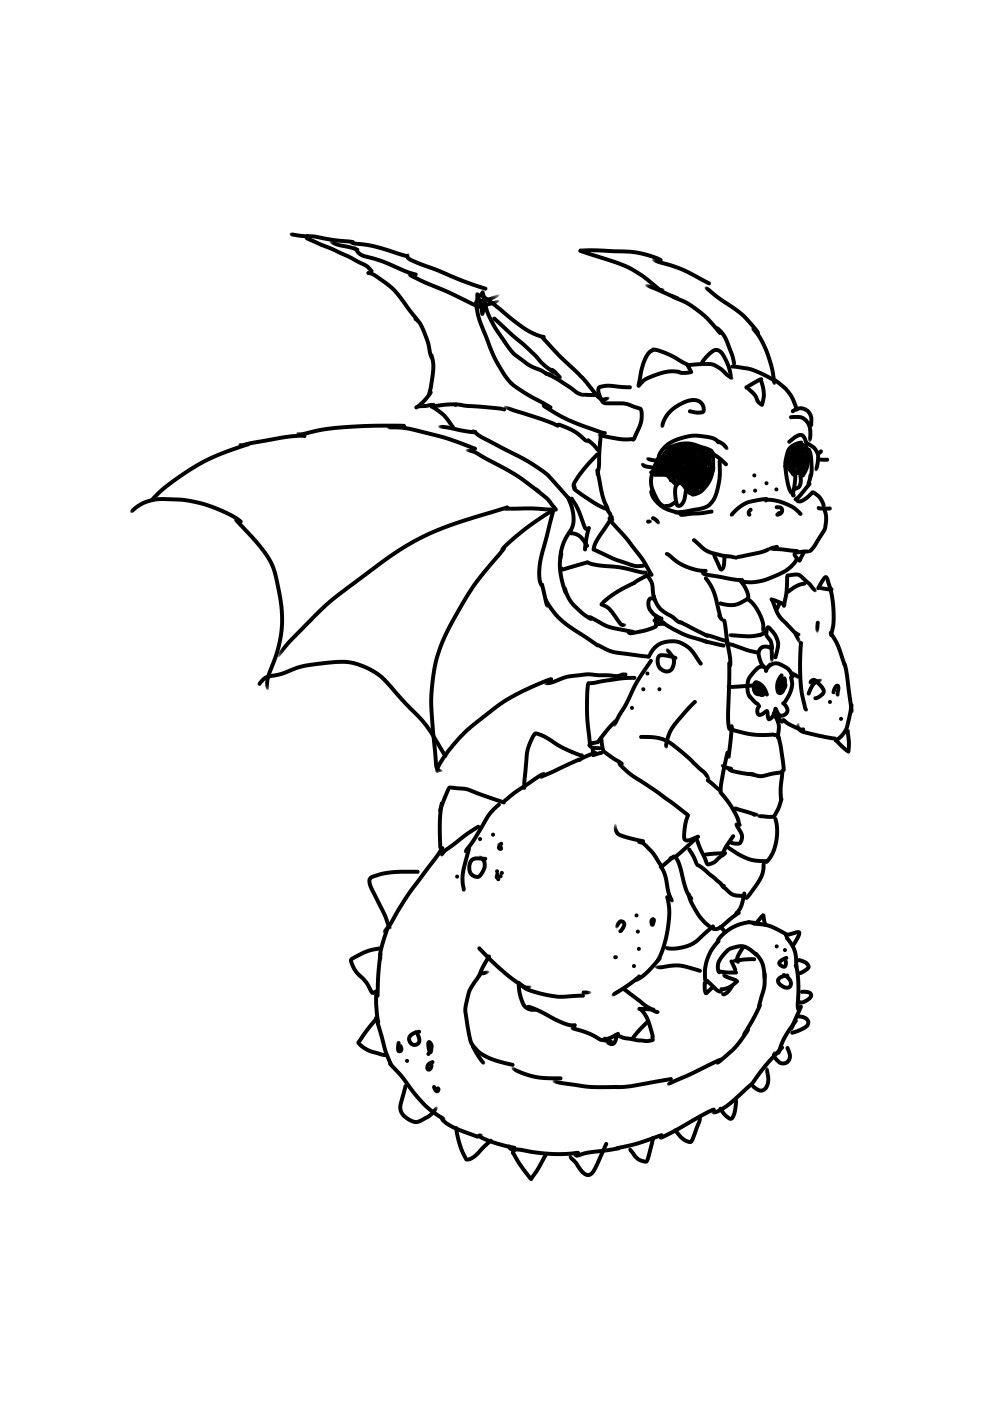 #аниме#арты#дракон | Аниме, Дракон